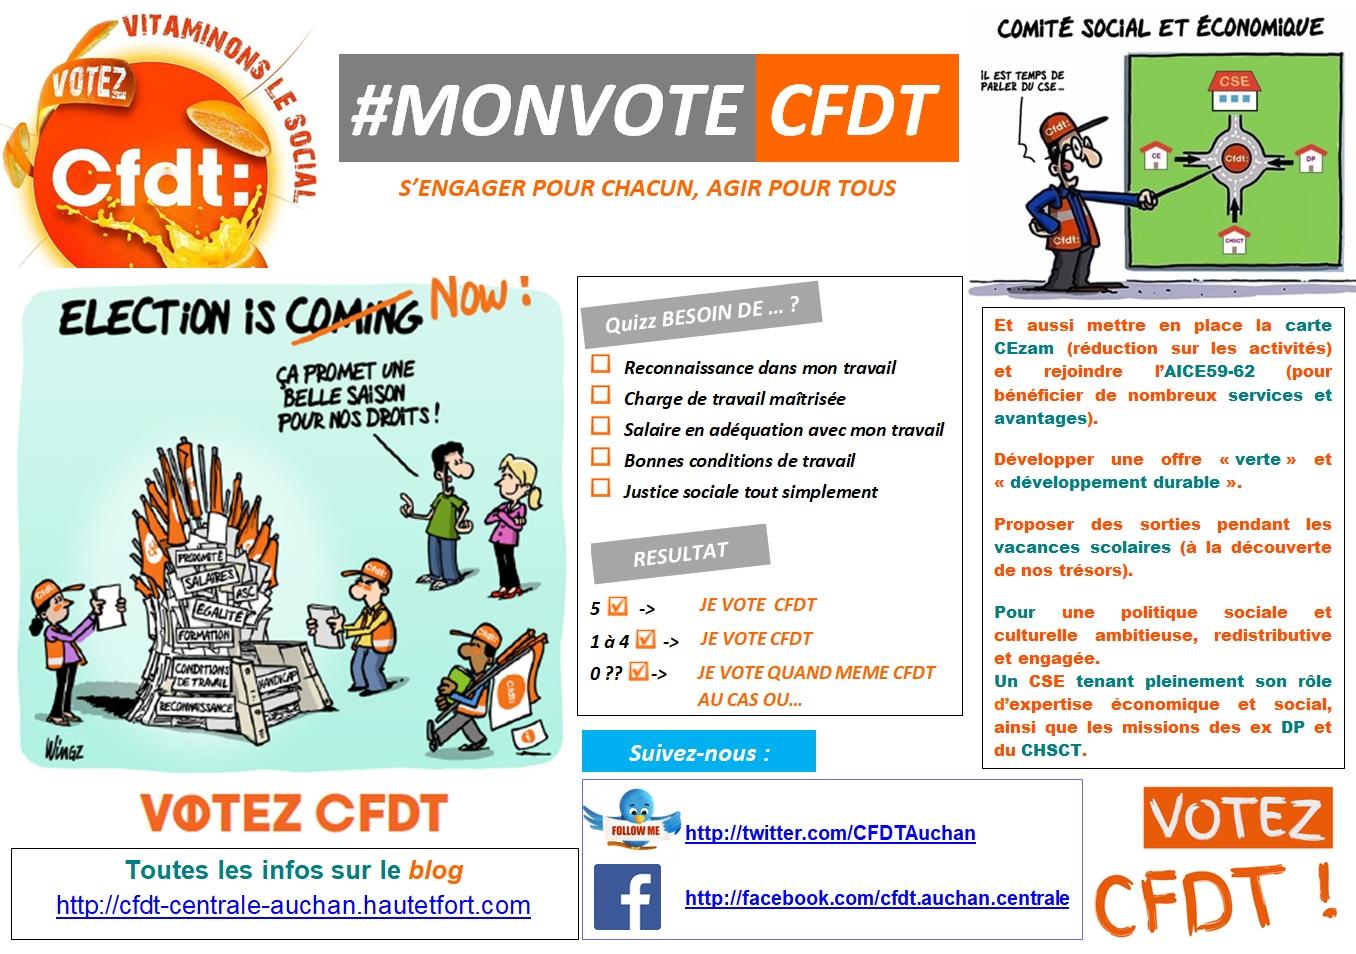 CFDT5.jpg